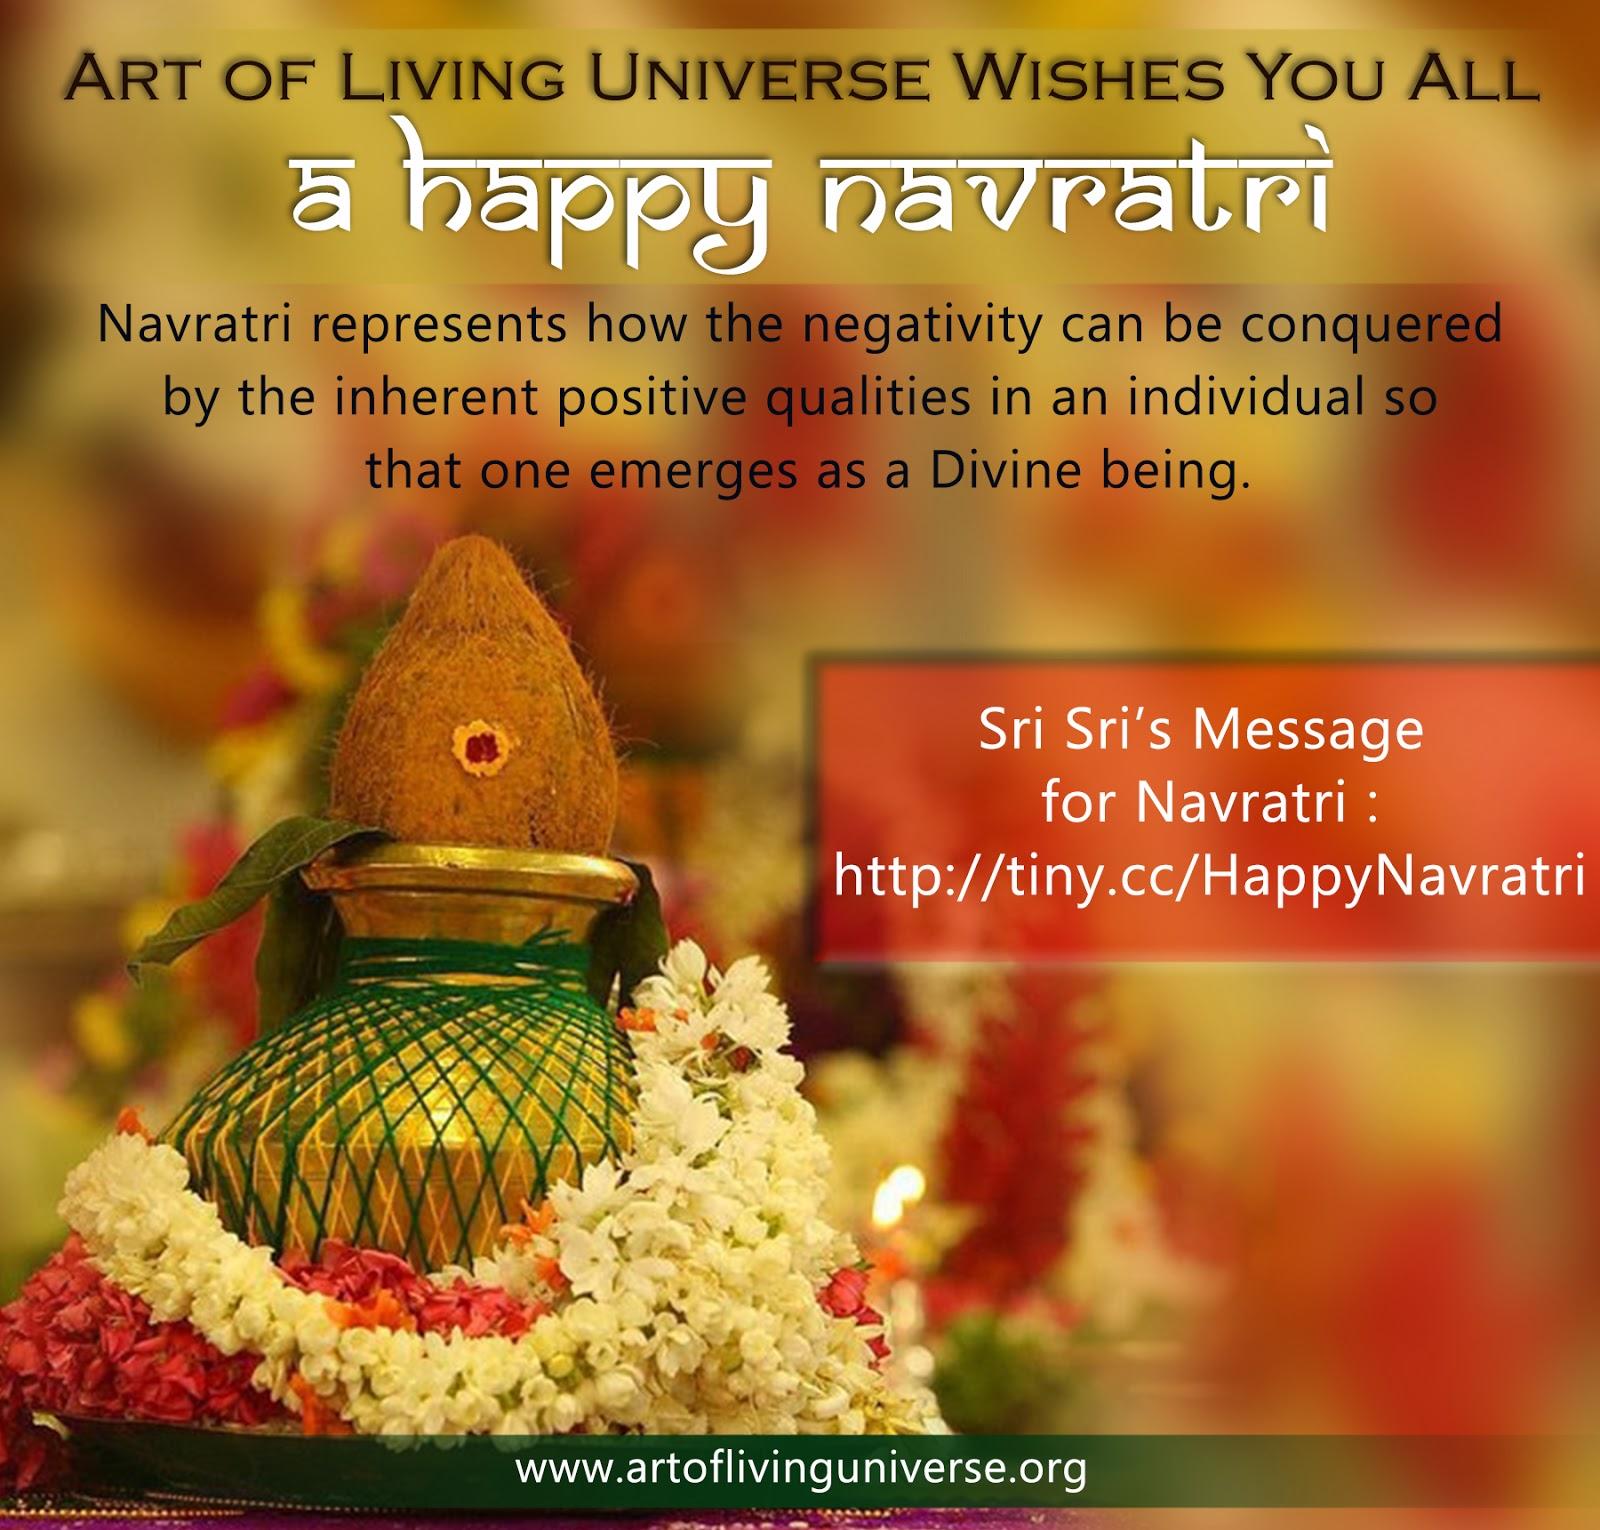 Sri Sri's message for Navratri